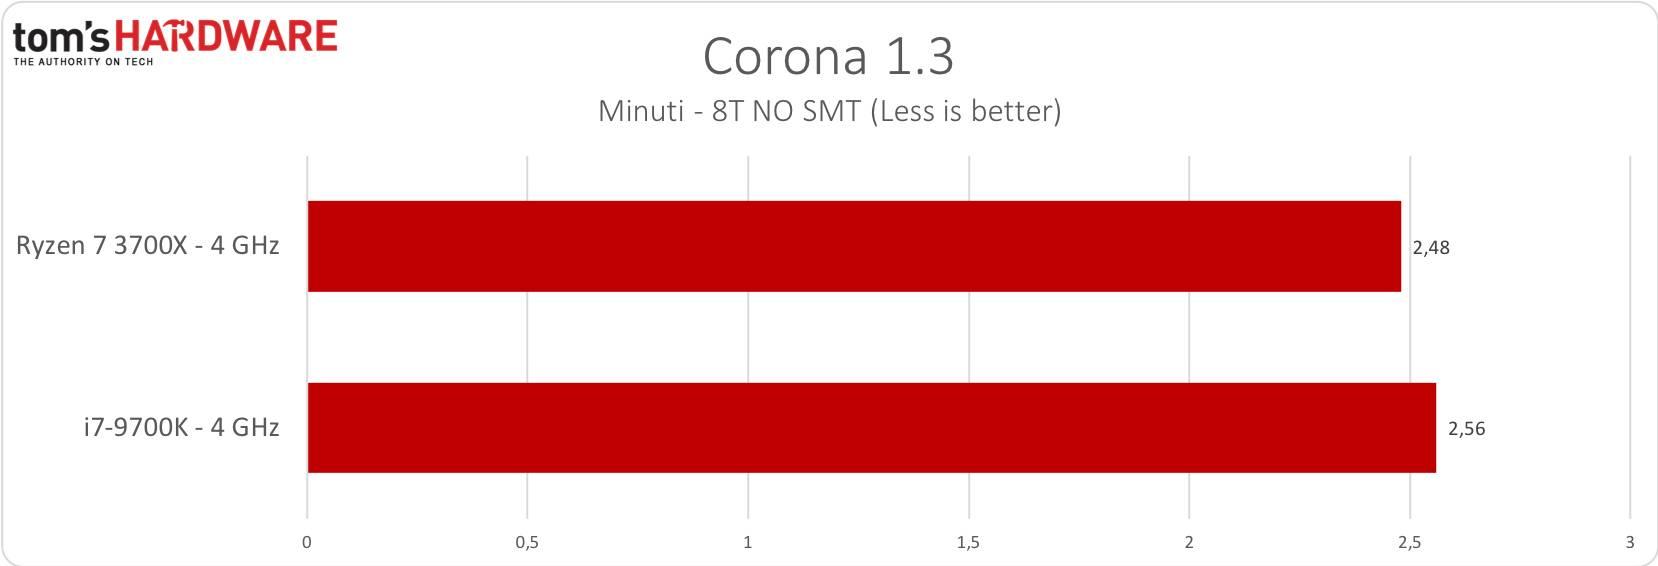 Corona 1.3 - 4GHz